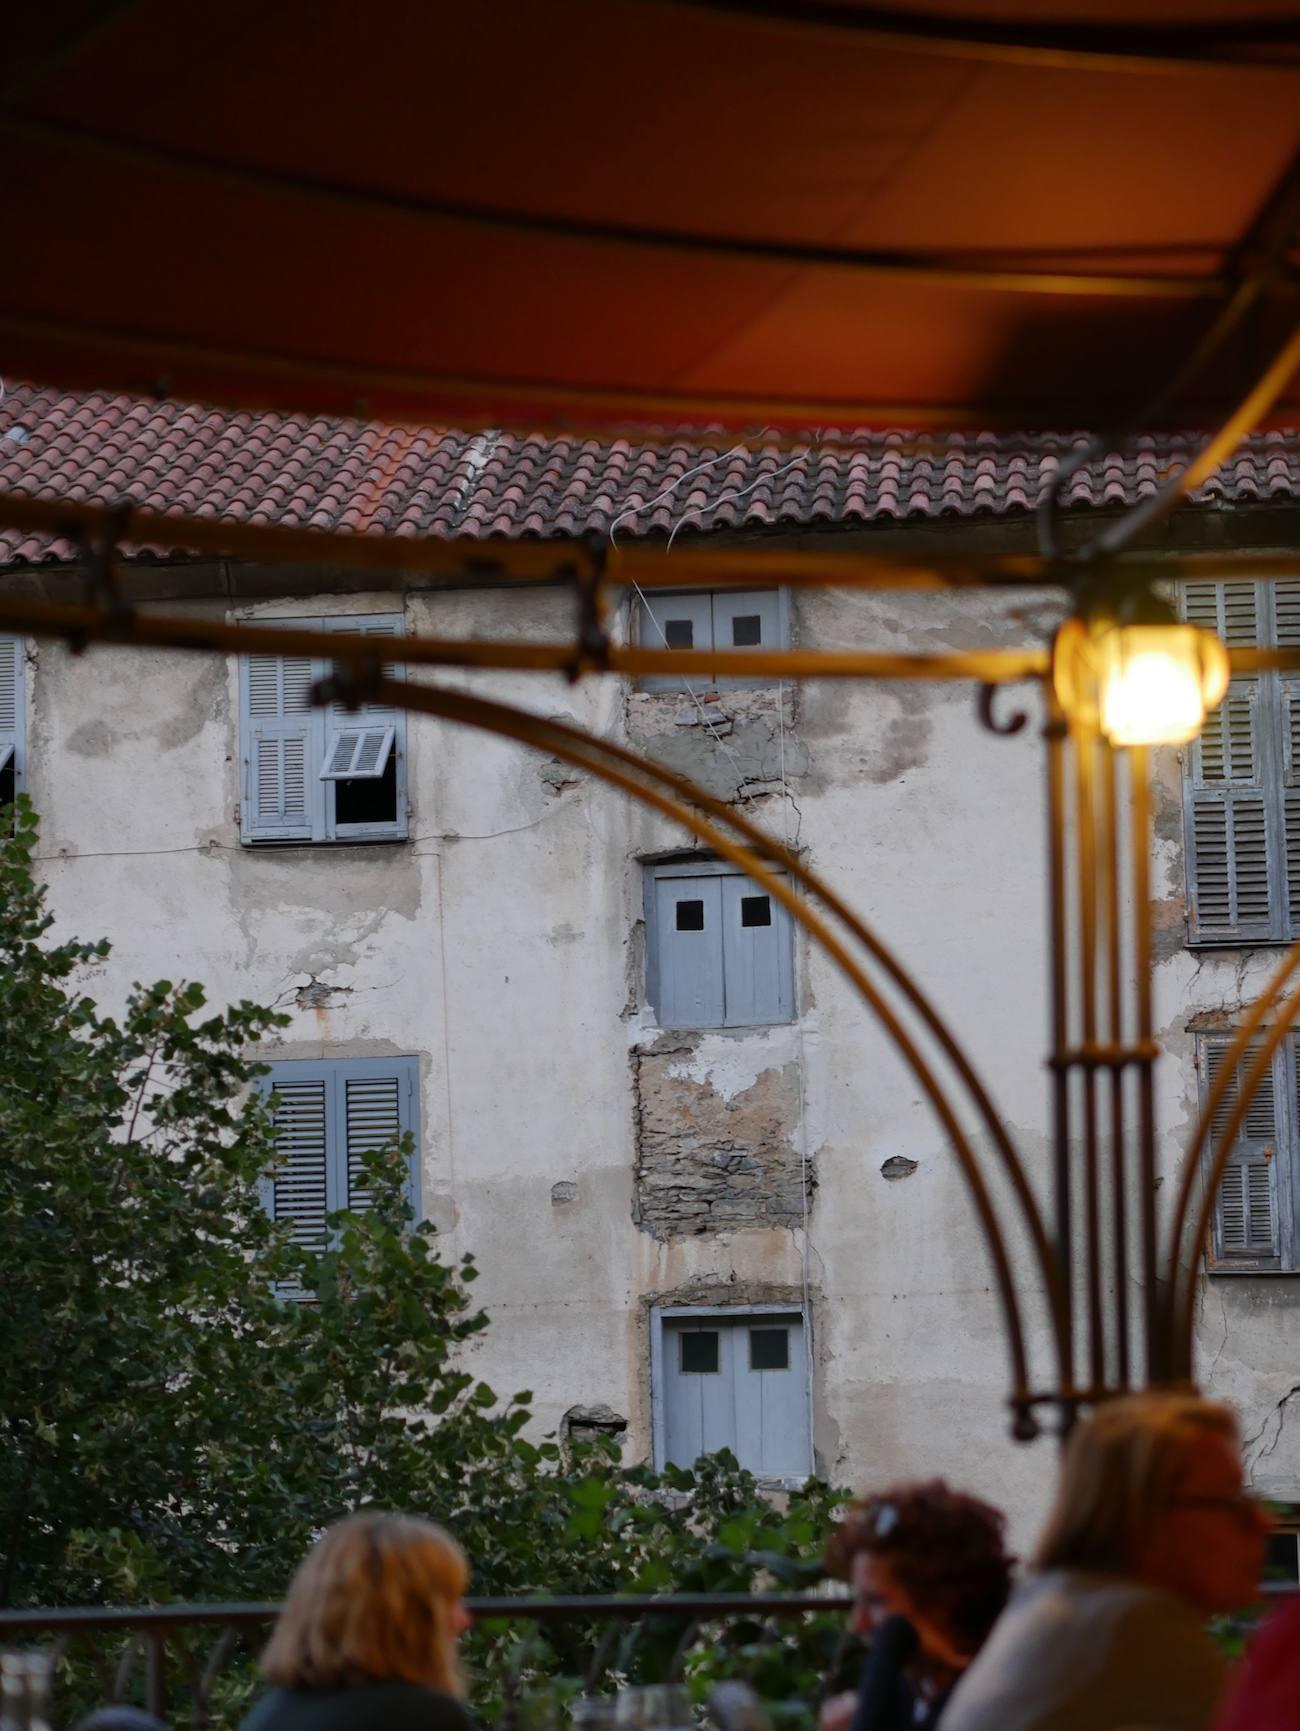 Corse - Road trip bonnes adresses - Blog Voyage nantes 29